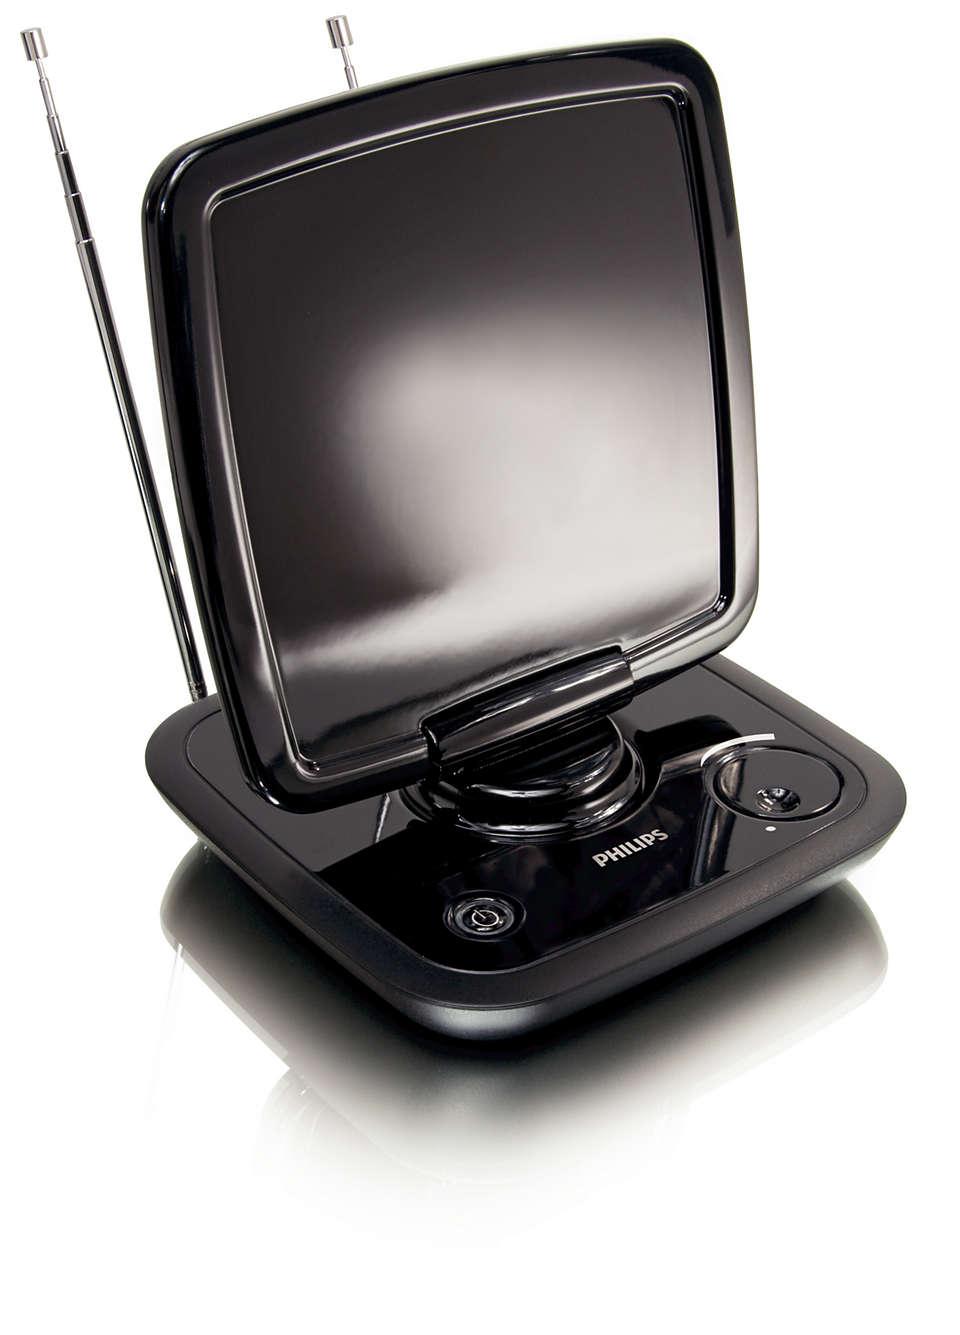 Enhanced digital reception